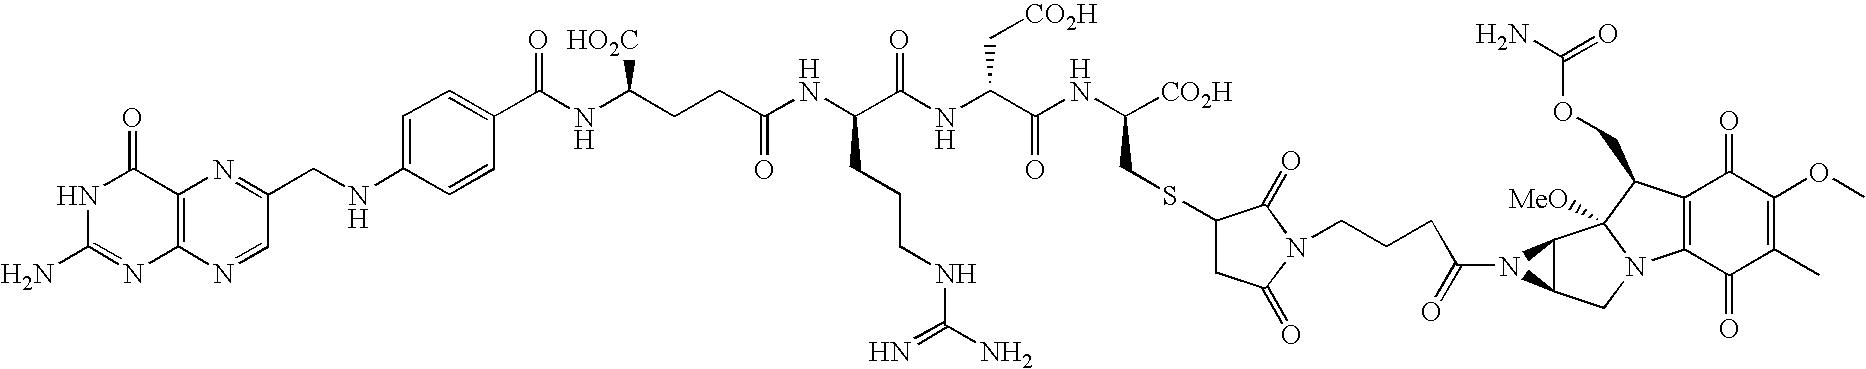 Figure US20100004276A1-20100107-C00132